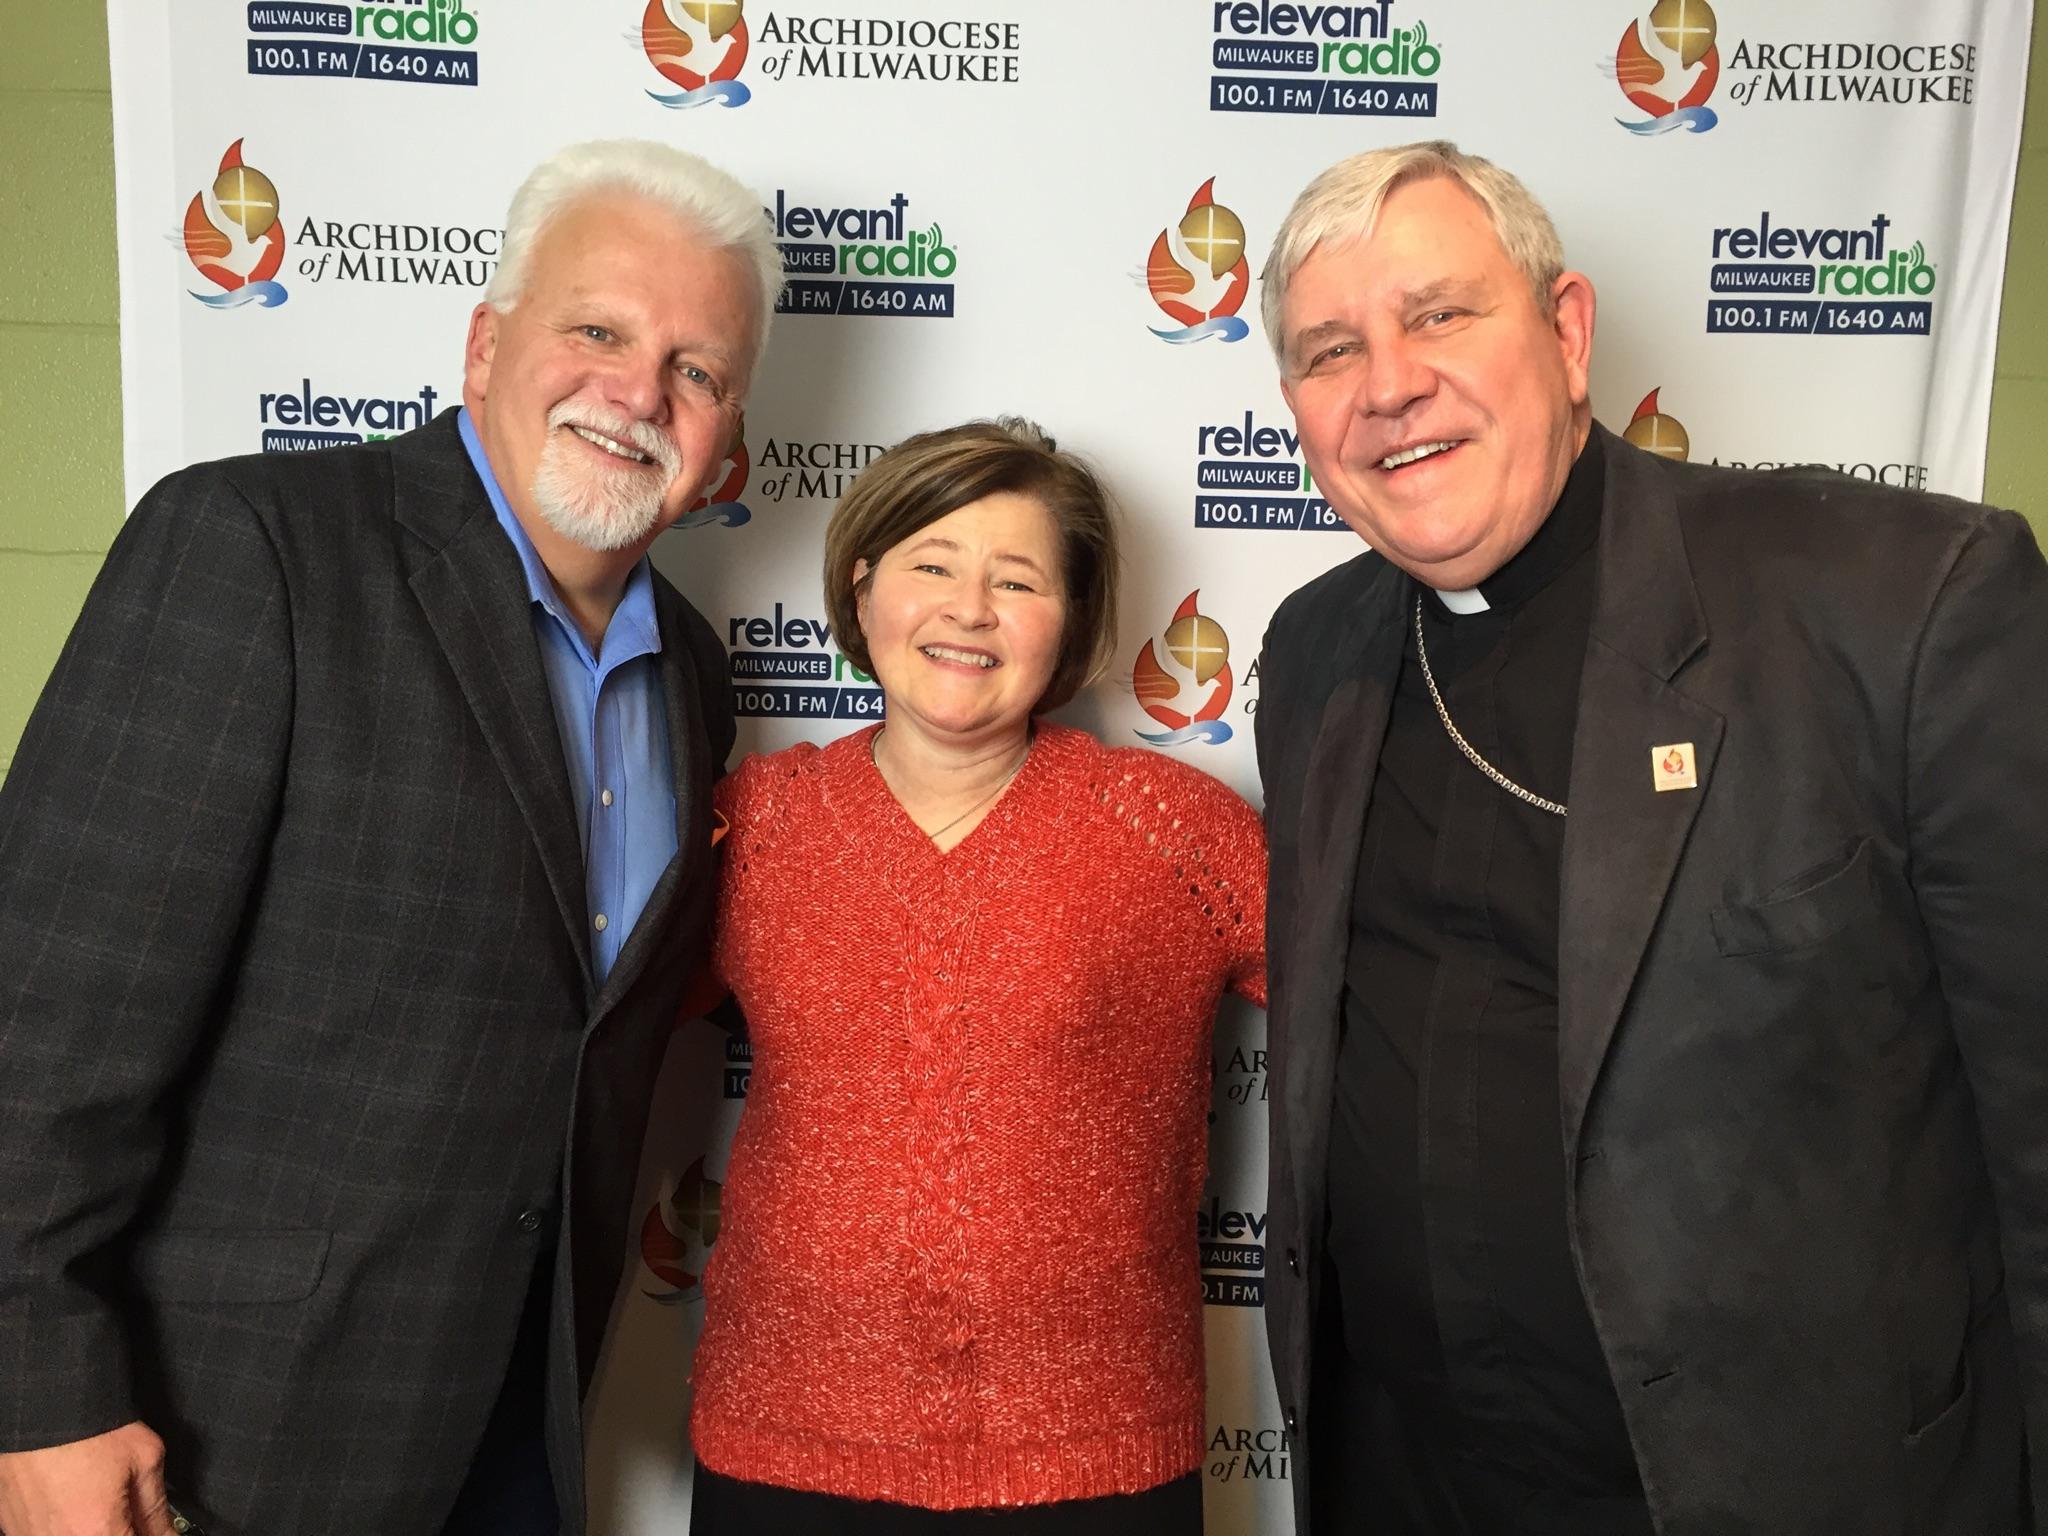 Catholic Radio & TV Personality